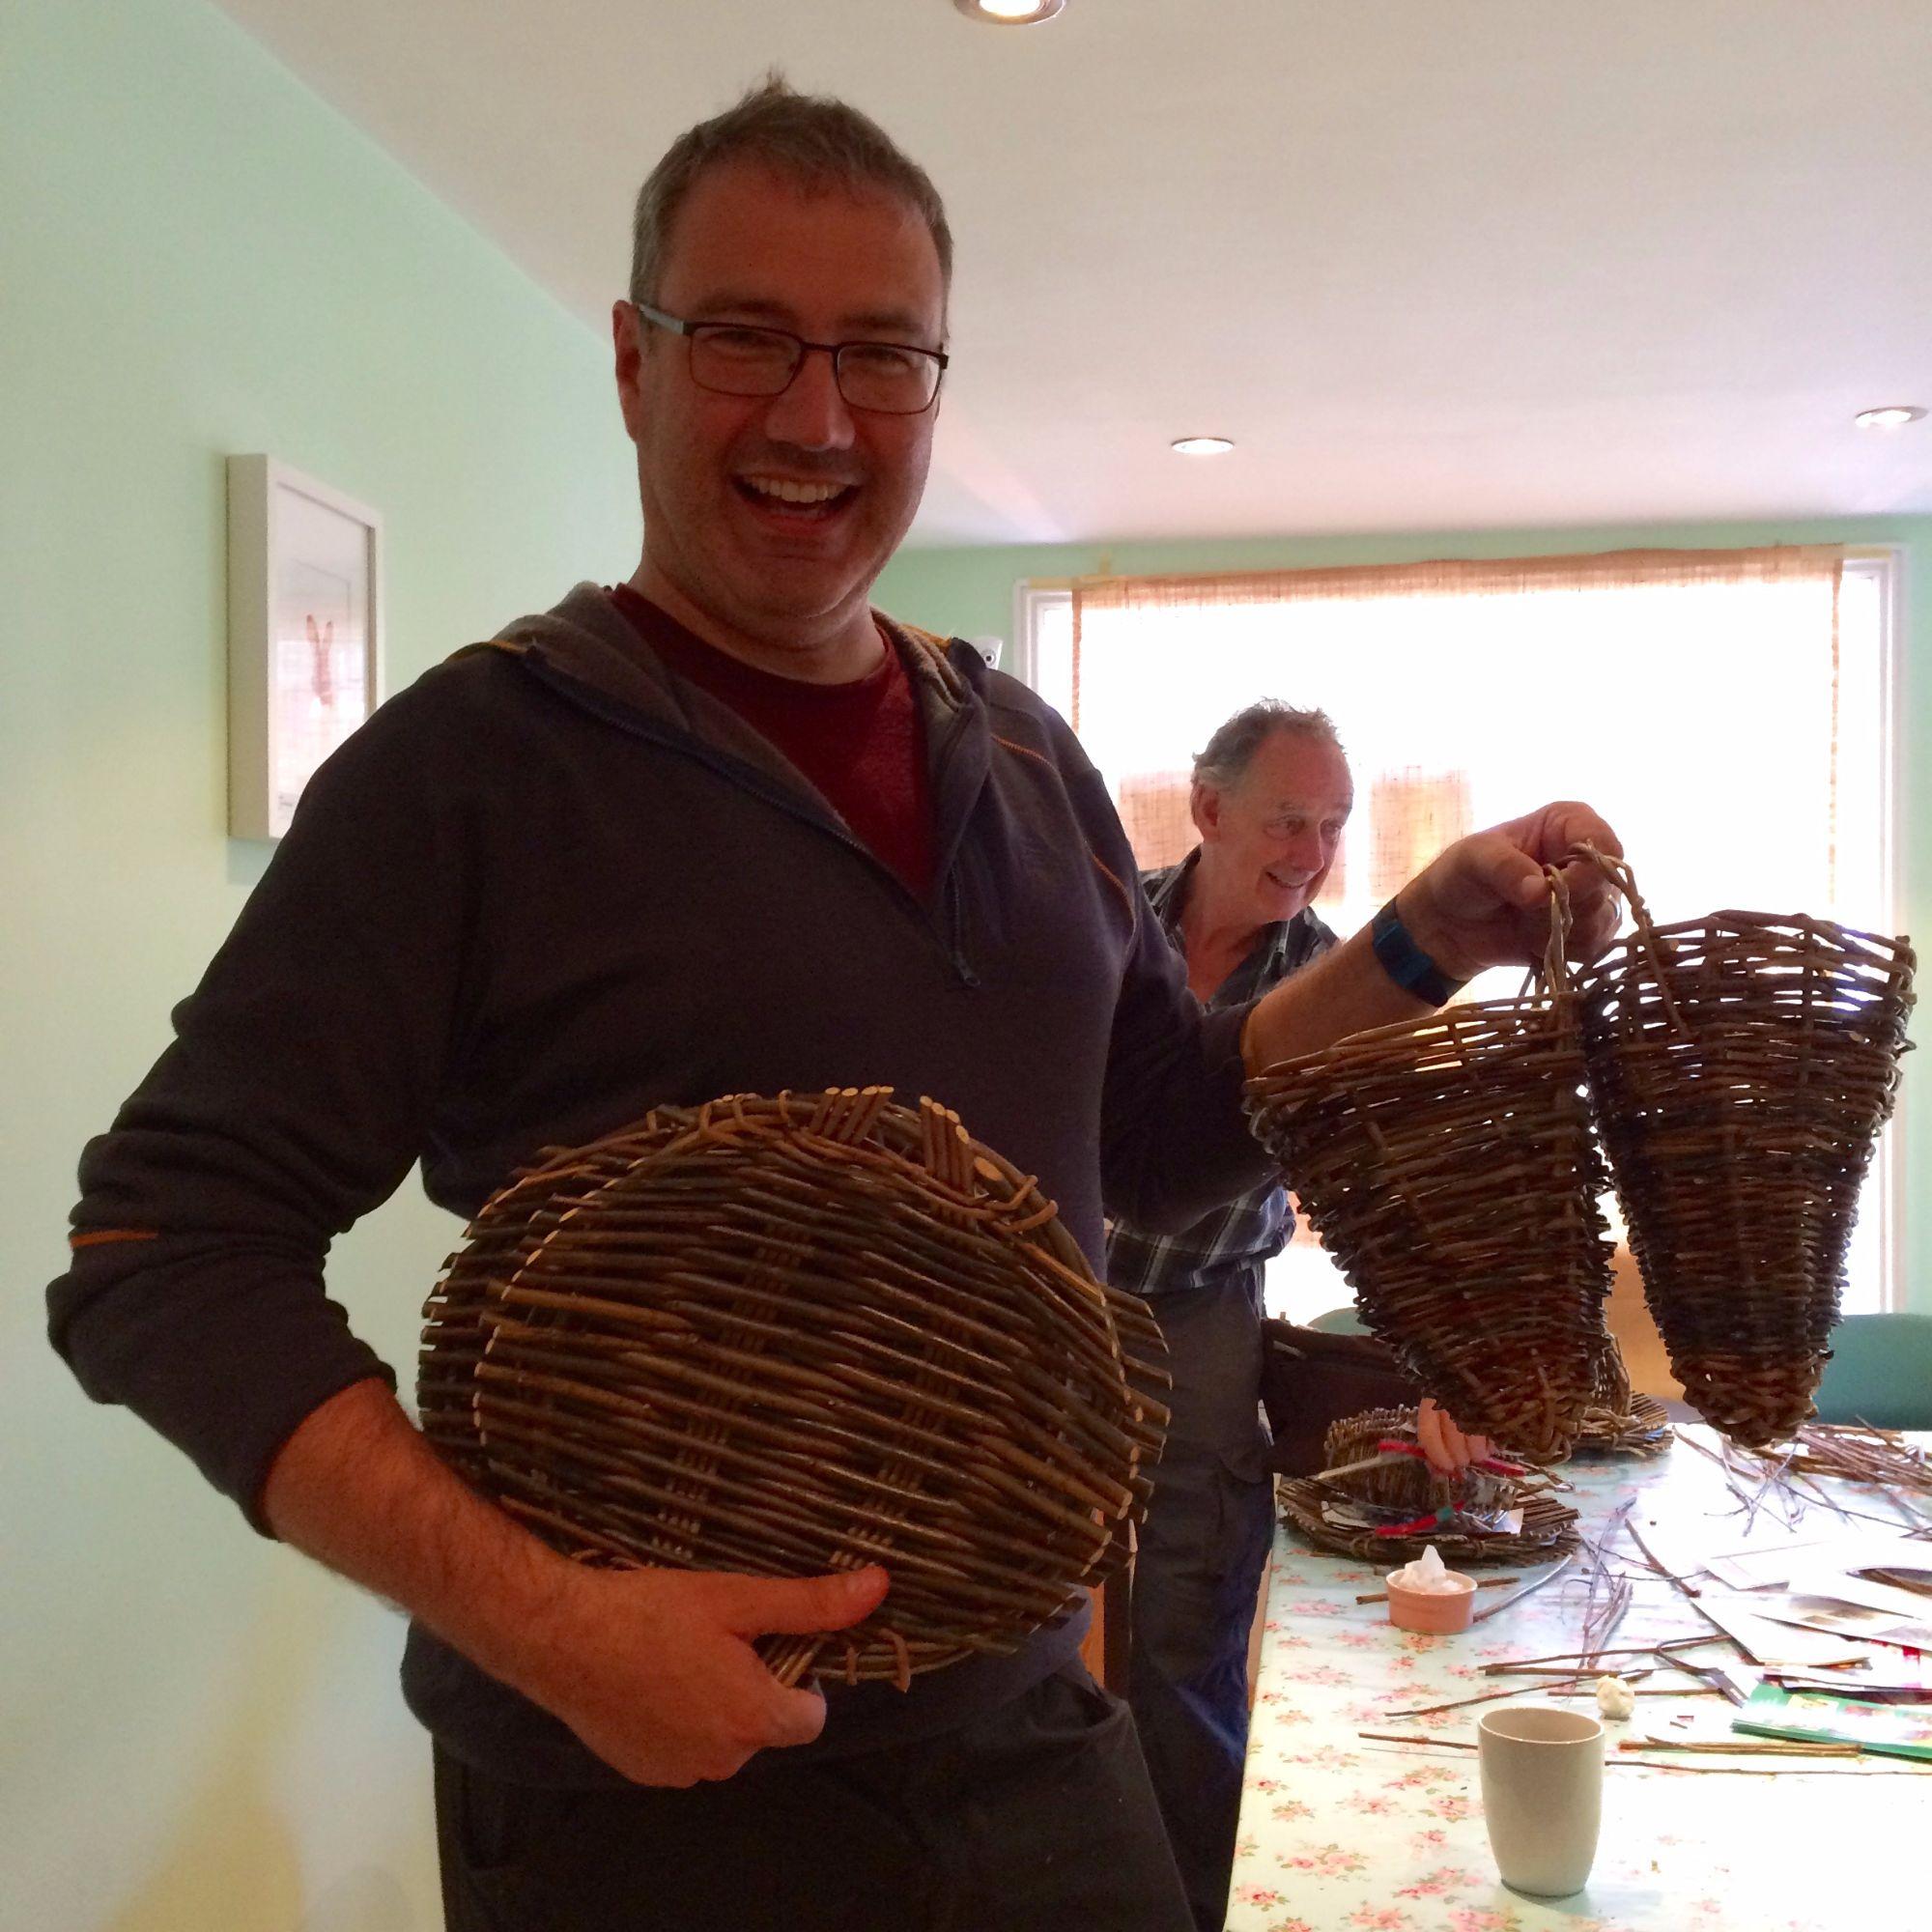 Basket Making Workshop: Platter and Herb Basket - Workshopper